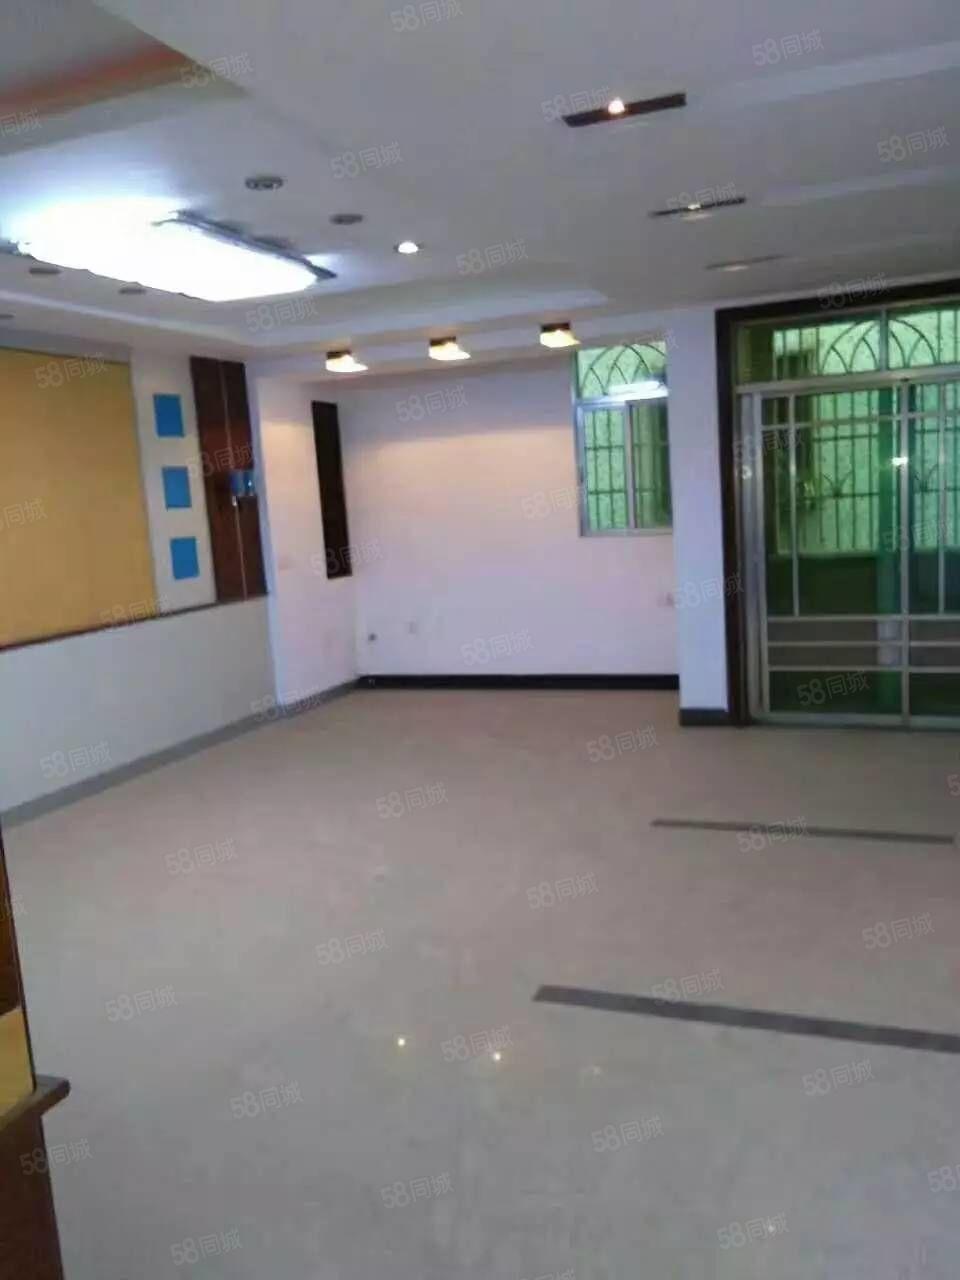 出租龙城邮政后面二排46层复式套房